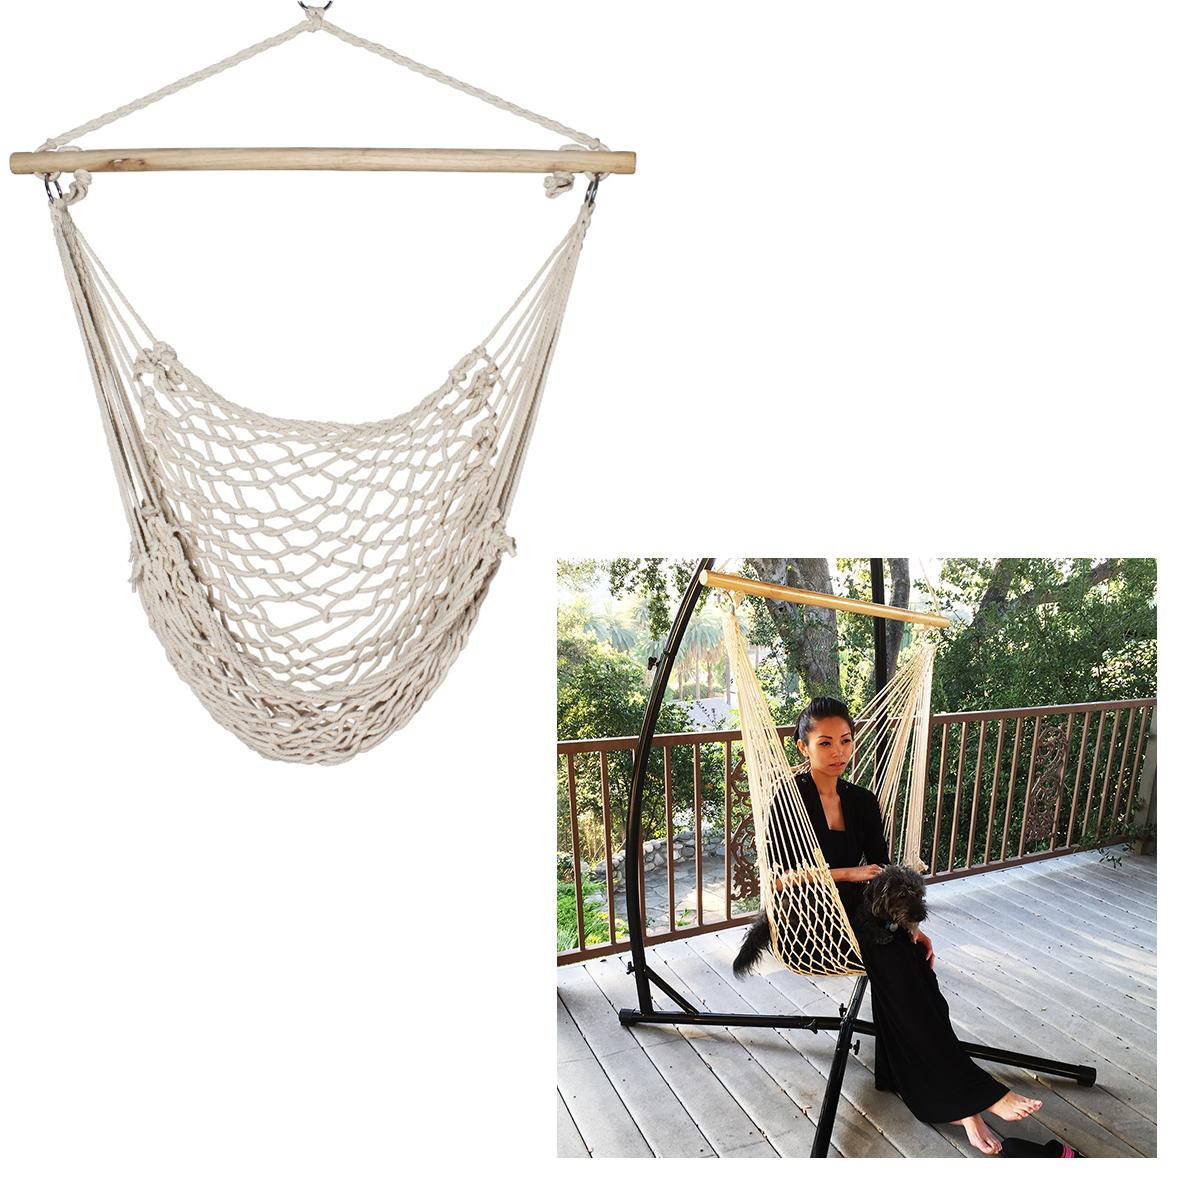 New Porch Beige Cotton Swing Rope Hammock Patio Garden Air